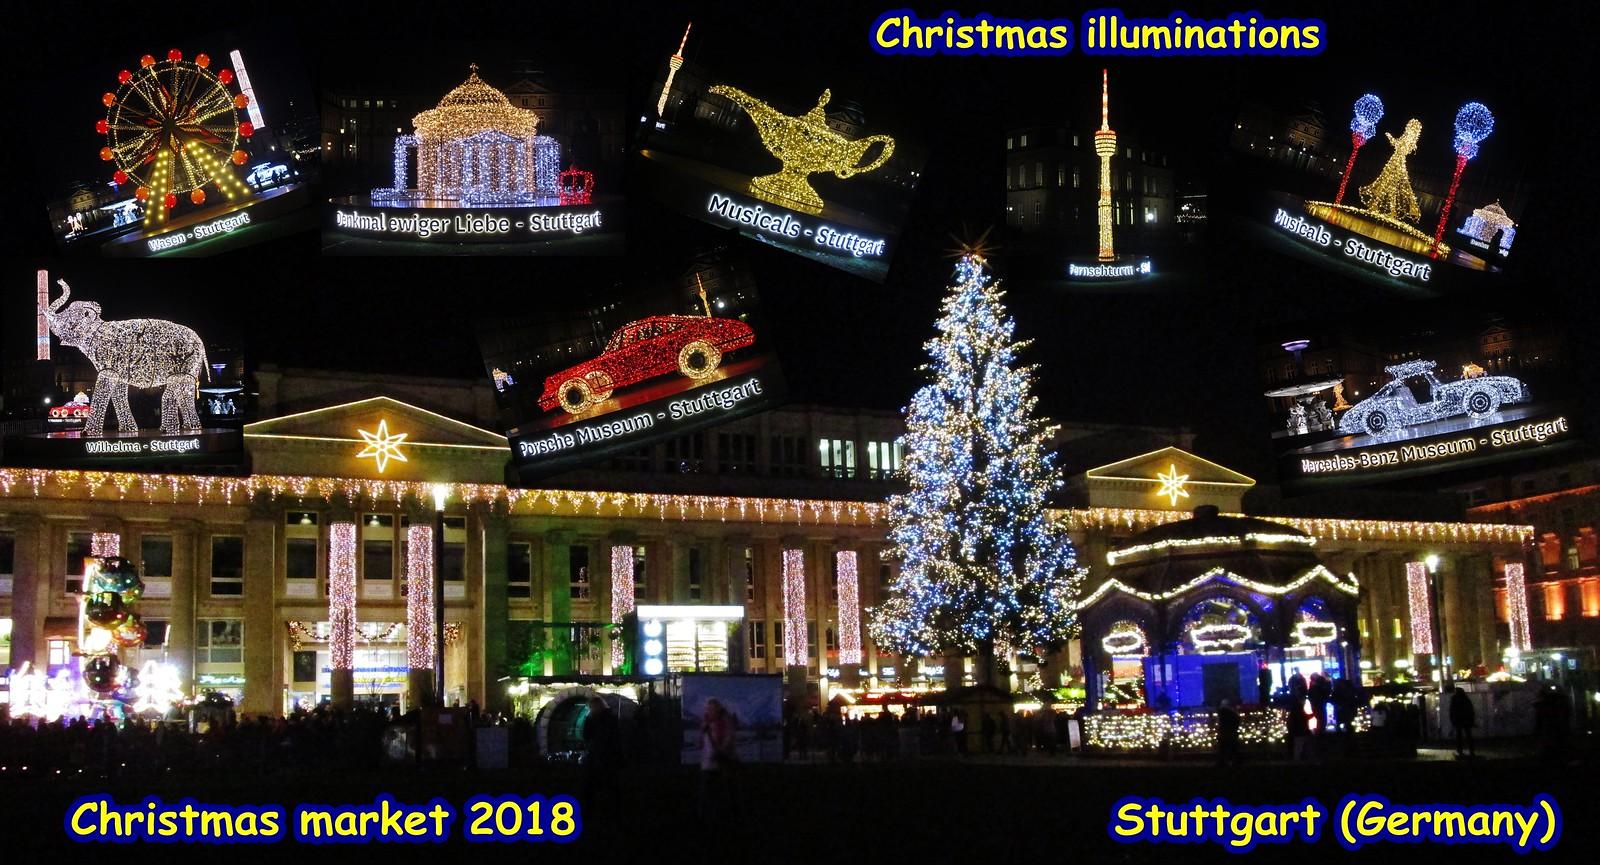 Christmas In Stuttgart Germany.Christmas Illuminations Stuttgart Germany December 2018